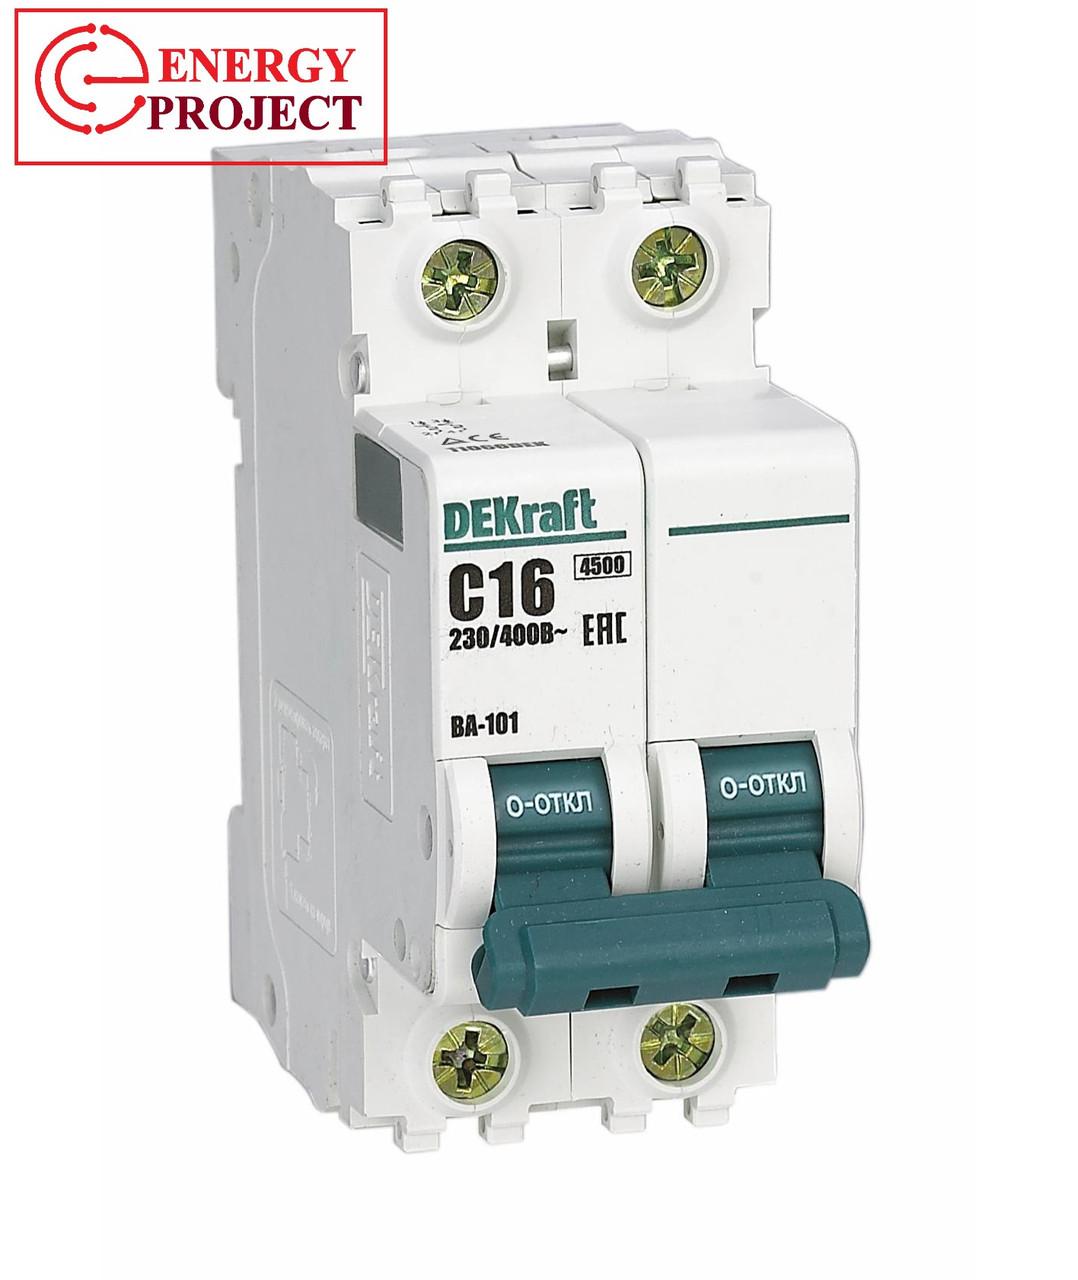 Автоматический выключатель ВА 101 2П 40А(72) Dekraft